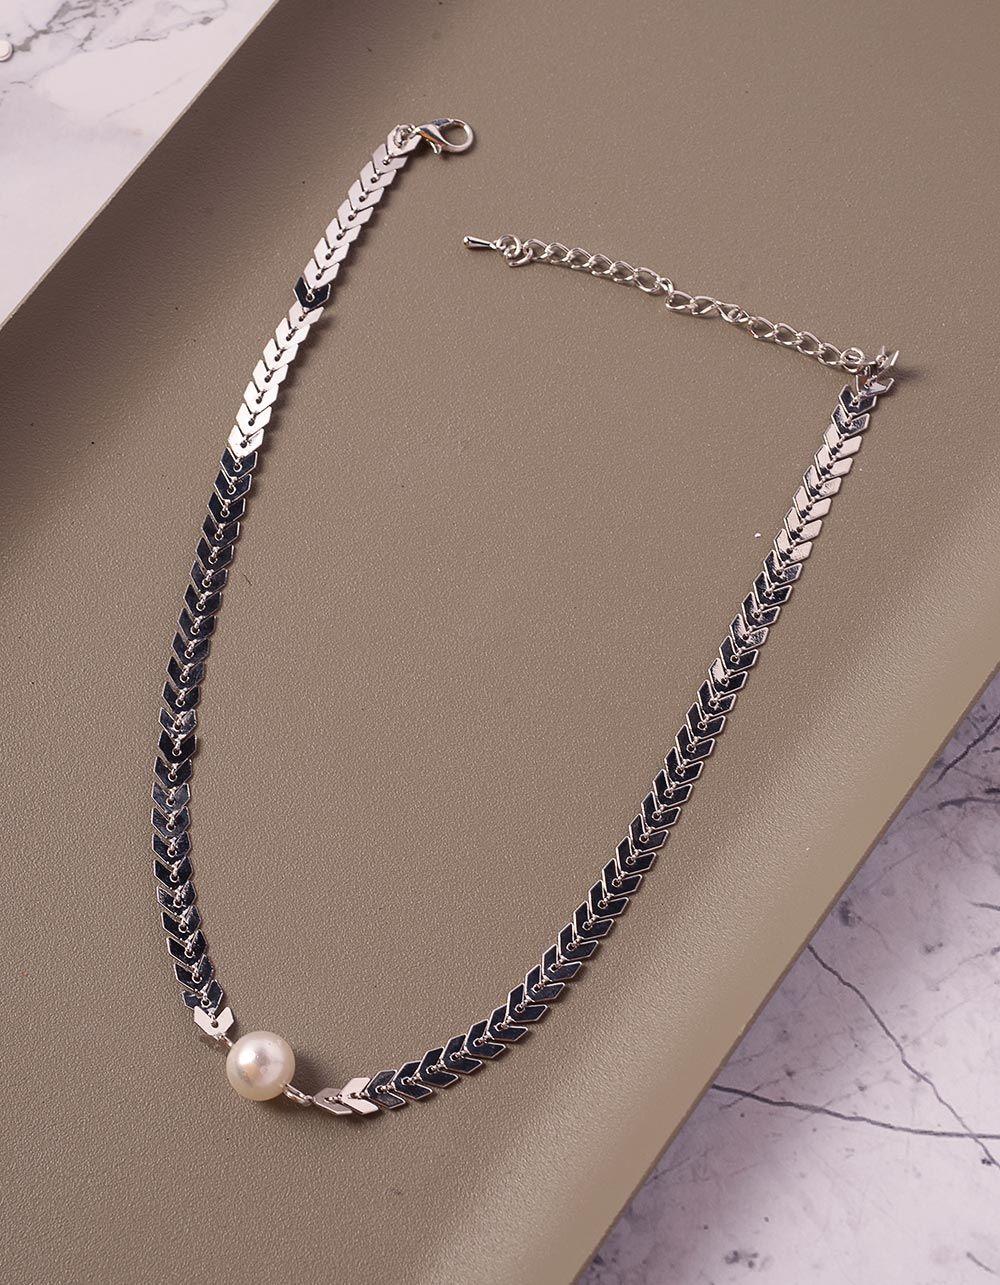 Підвіска на шию з перлиною | 239715-05-XX